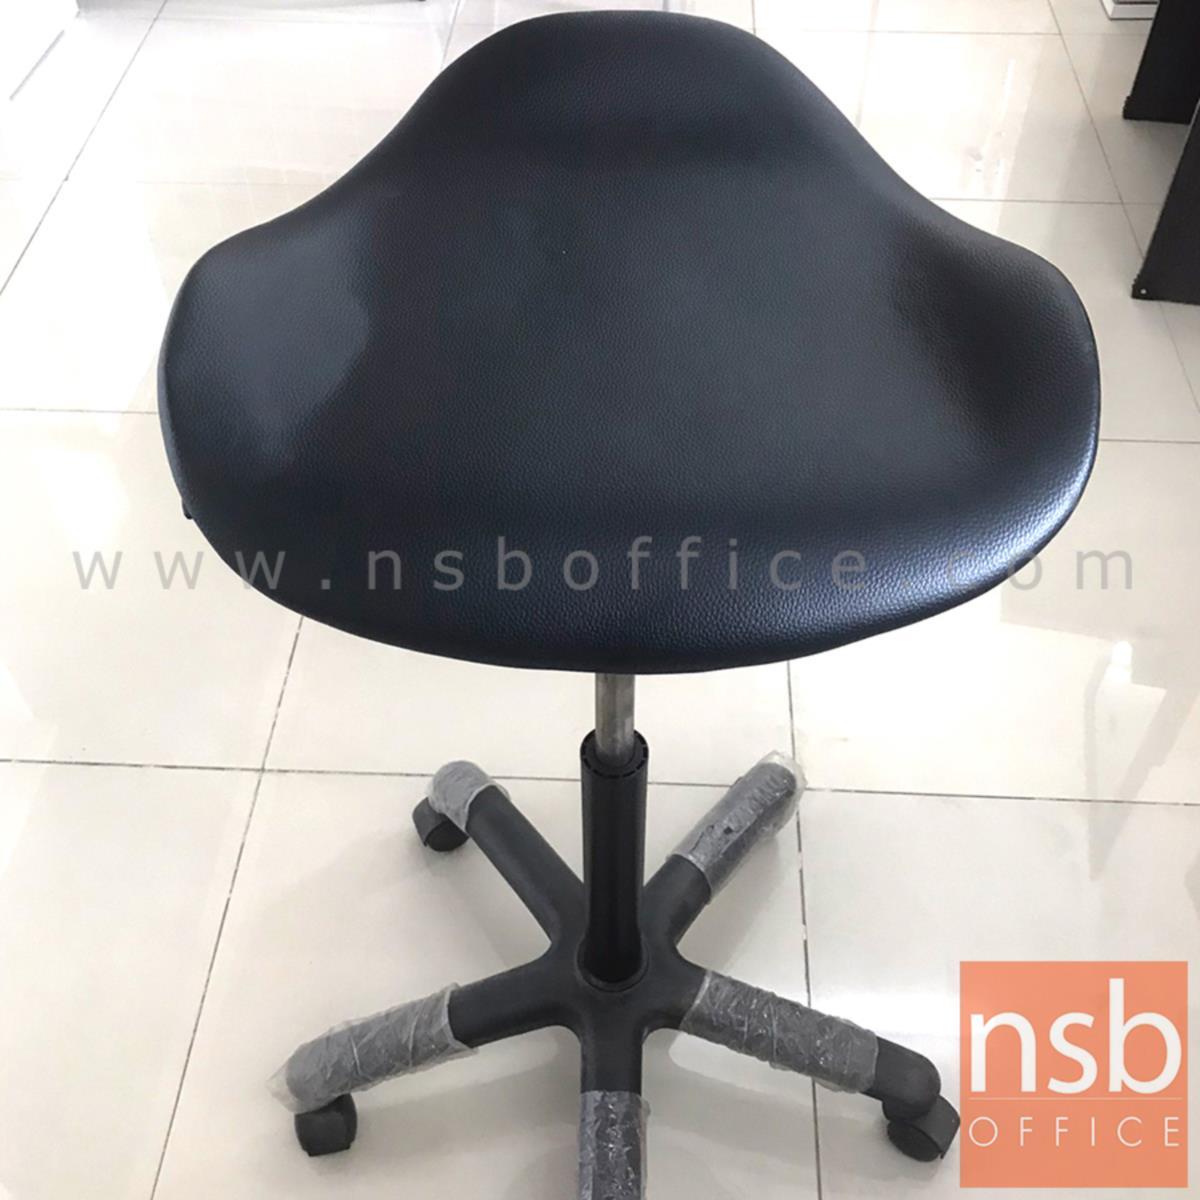 เก้าอี้บาร์  ขนาด 44W*92H cm. โช๊คแก๊ส ขาพลาสติก (STOCK-1 ตัว)